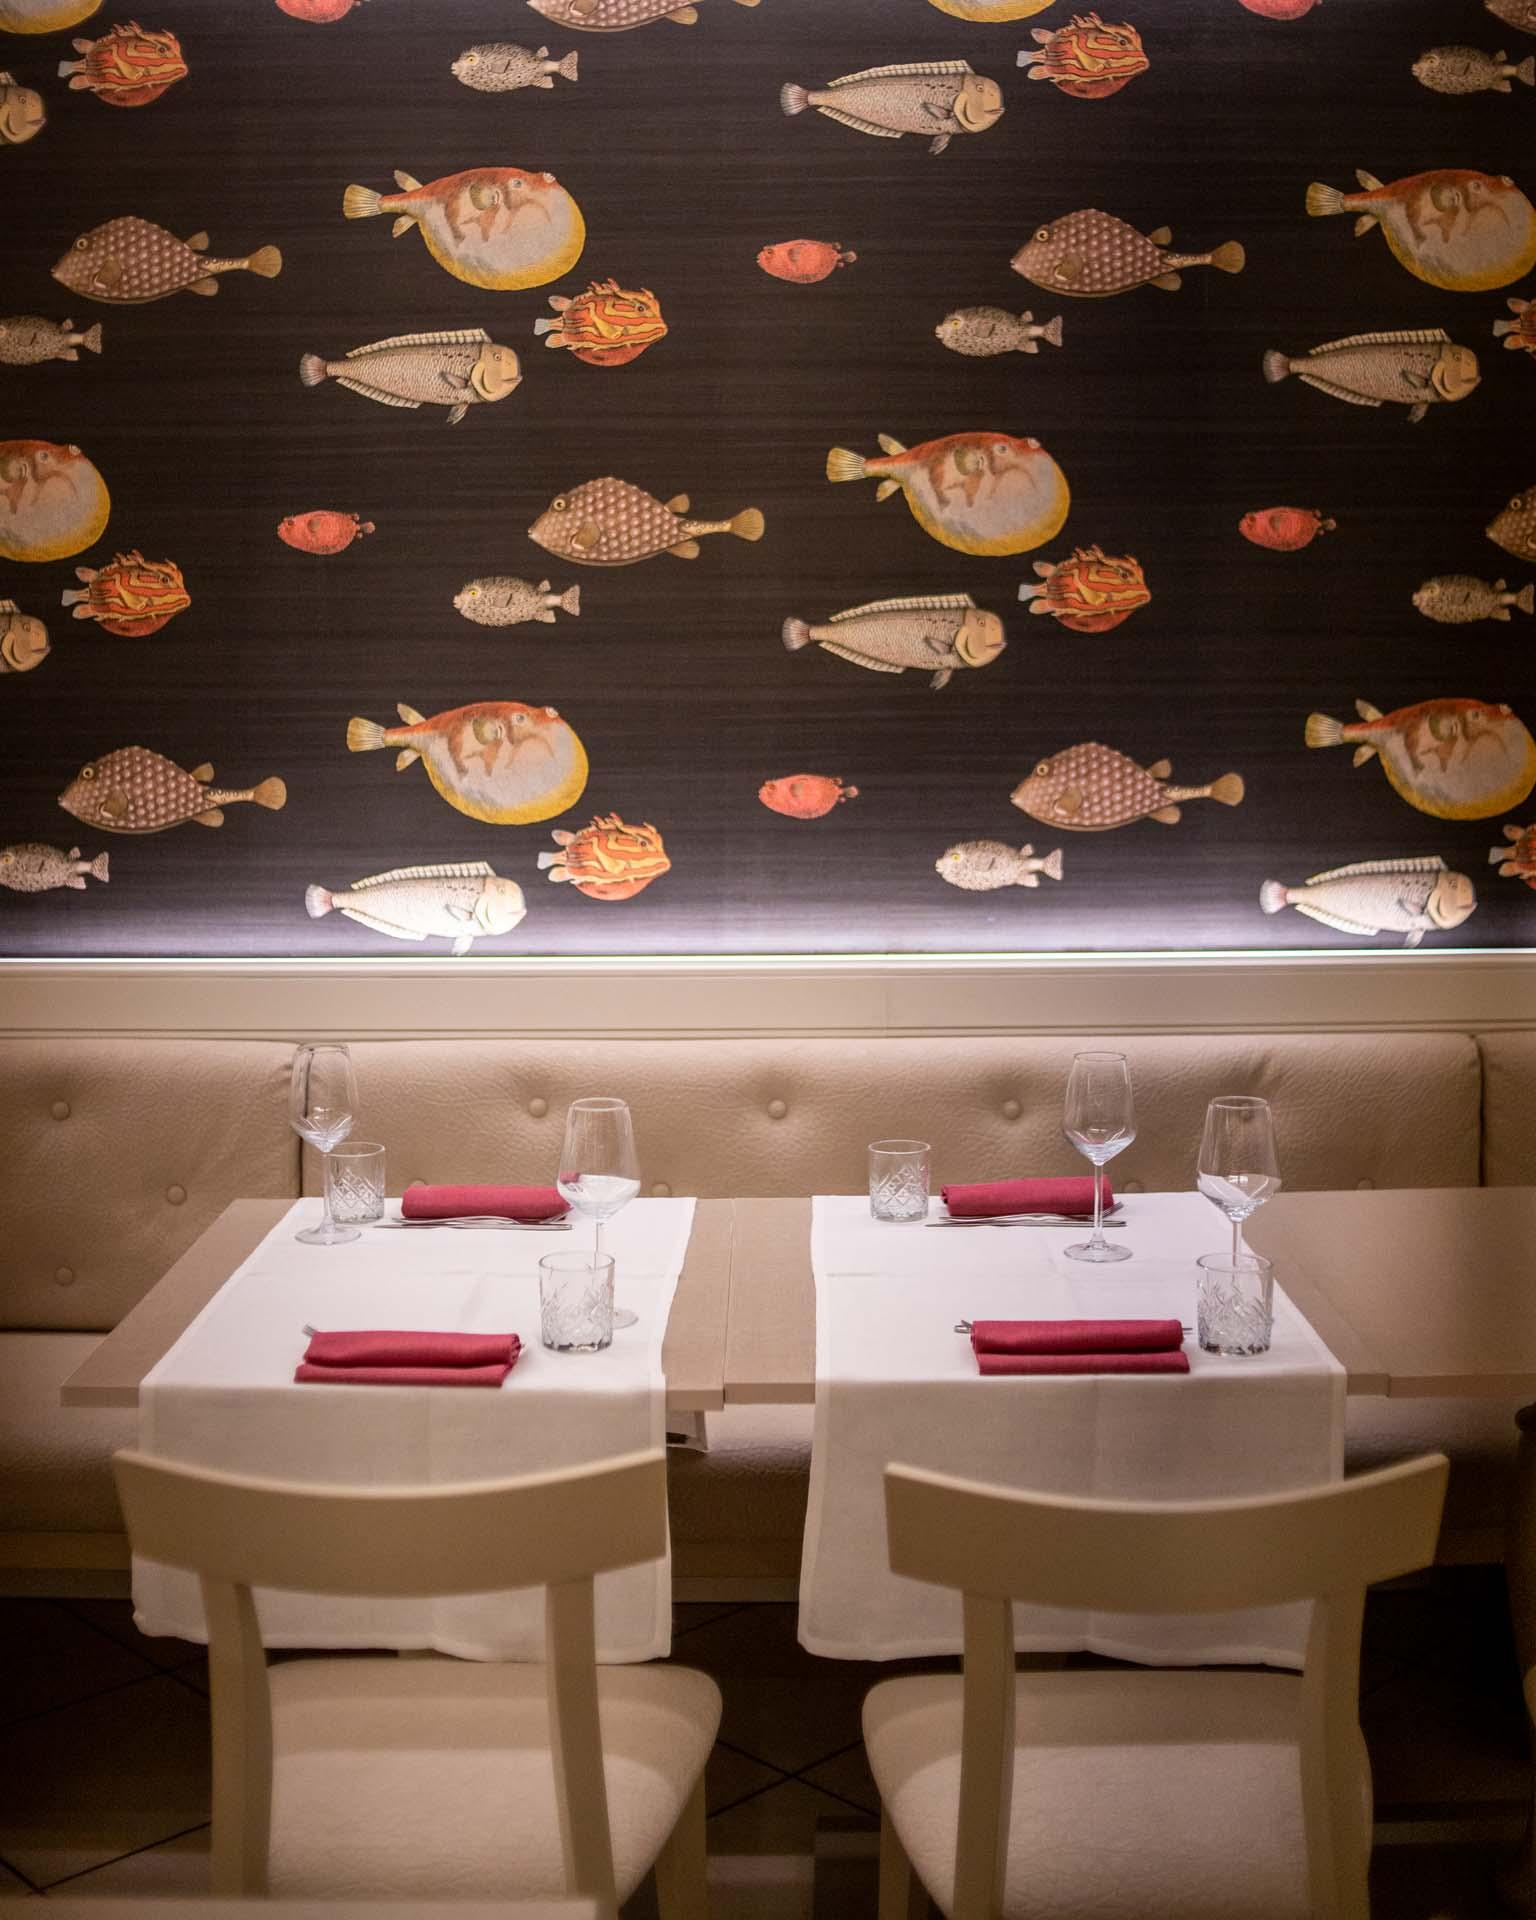 tavoli con carta da parati con pesci